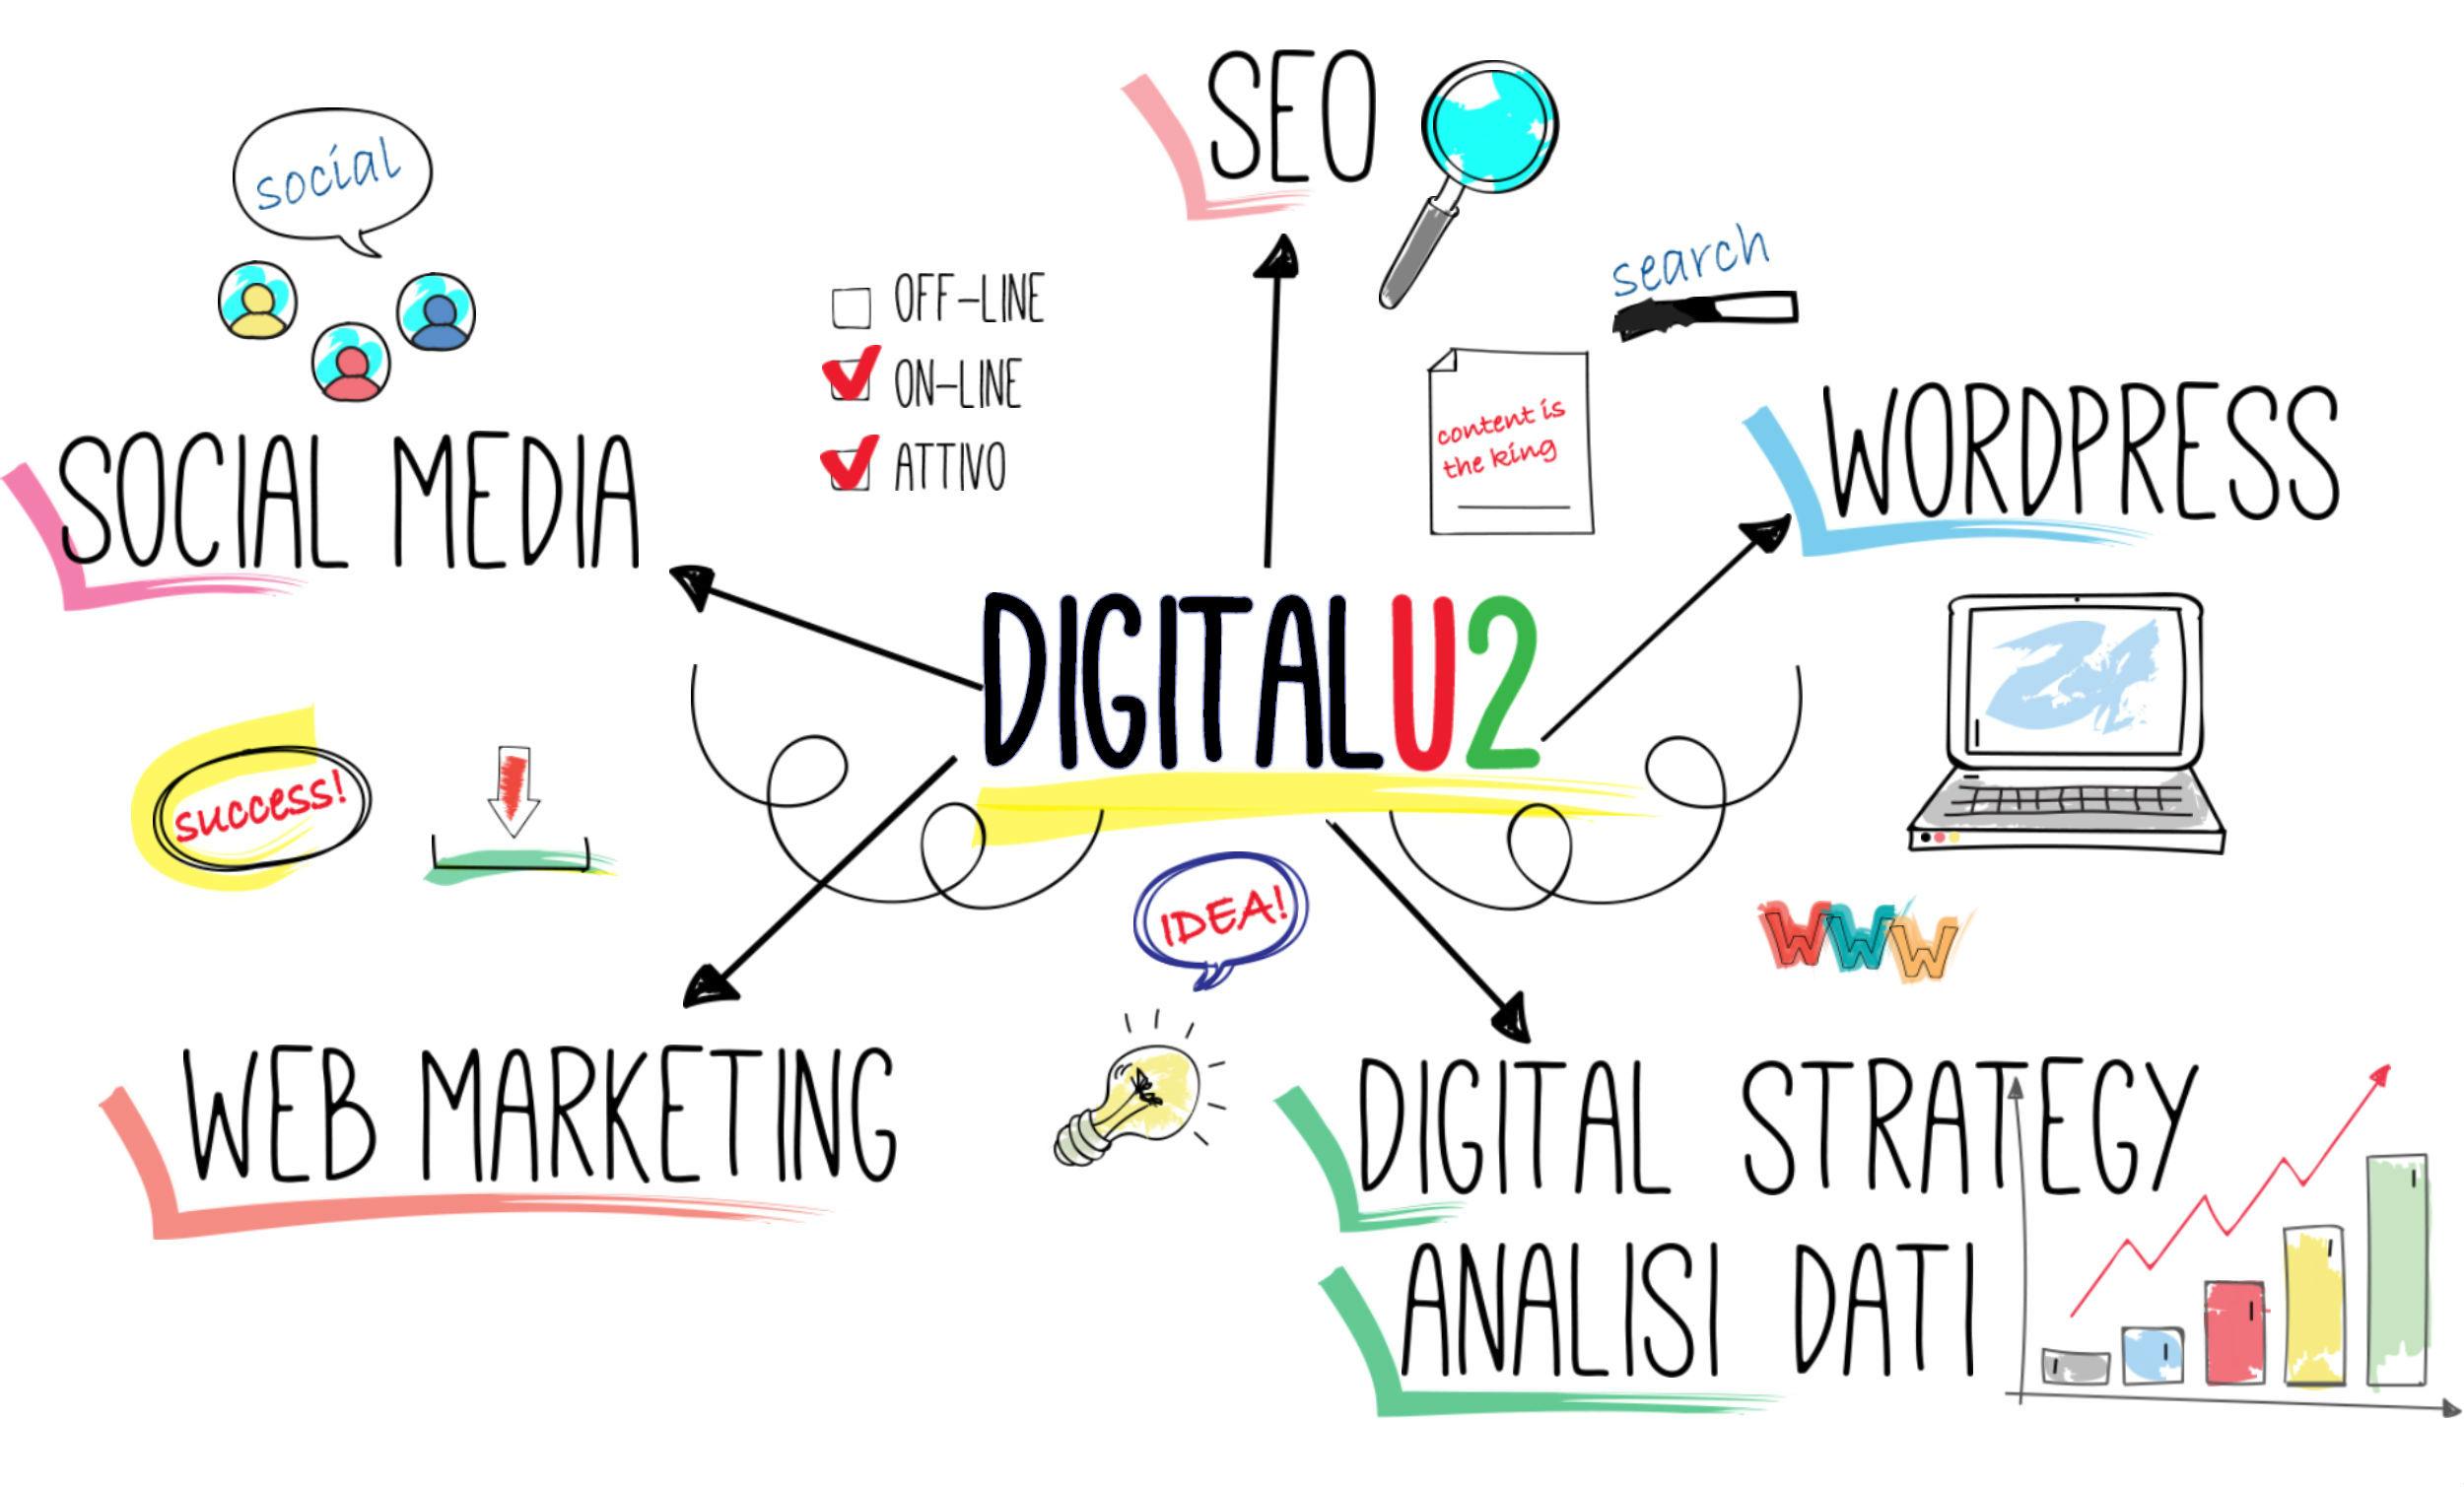 Digitalu2